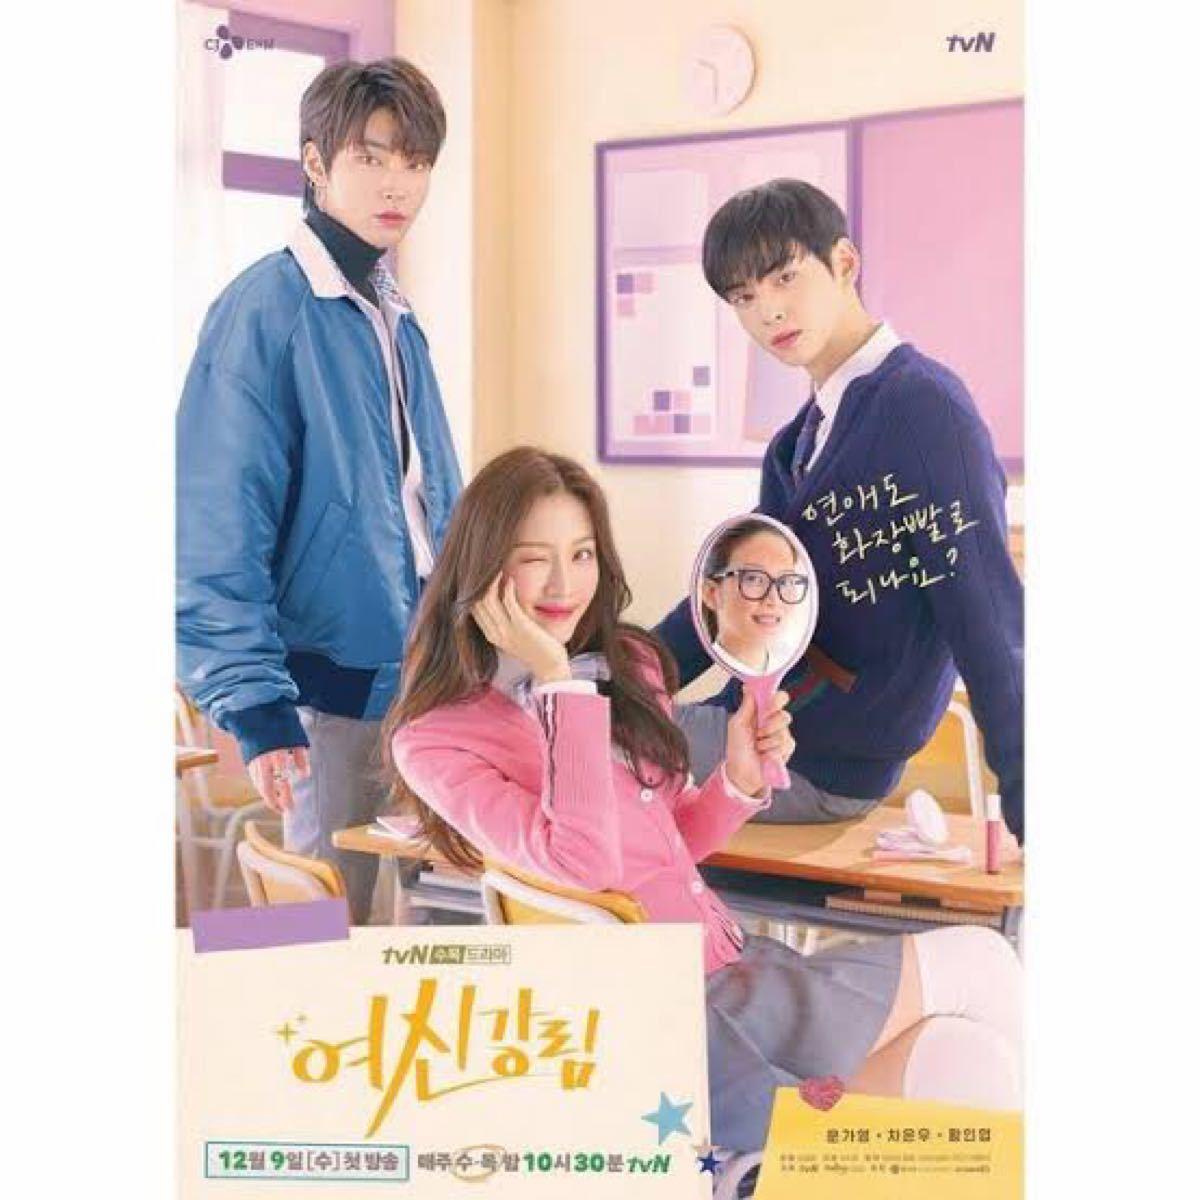 韓国ドラマ 女神降臨 Blu-ray レーベル印刷あり